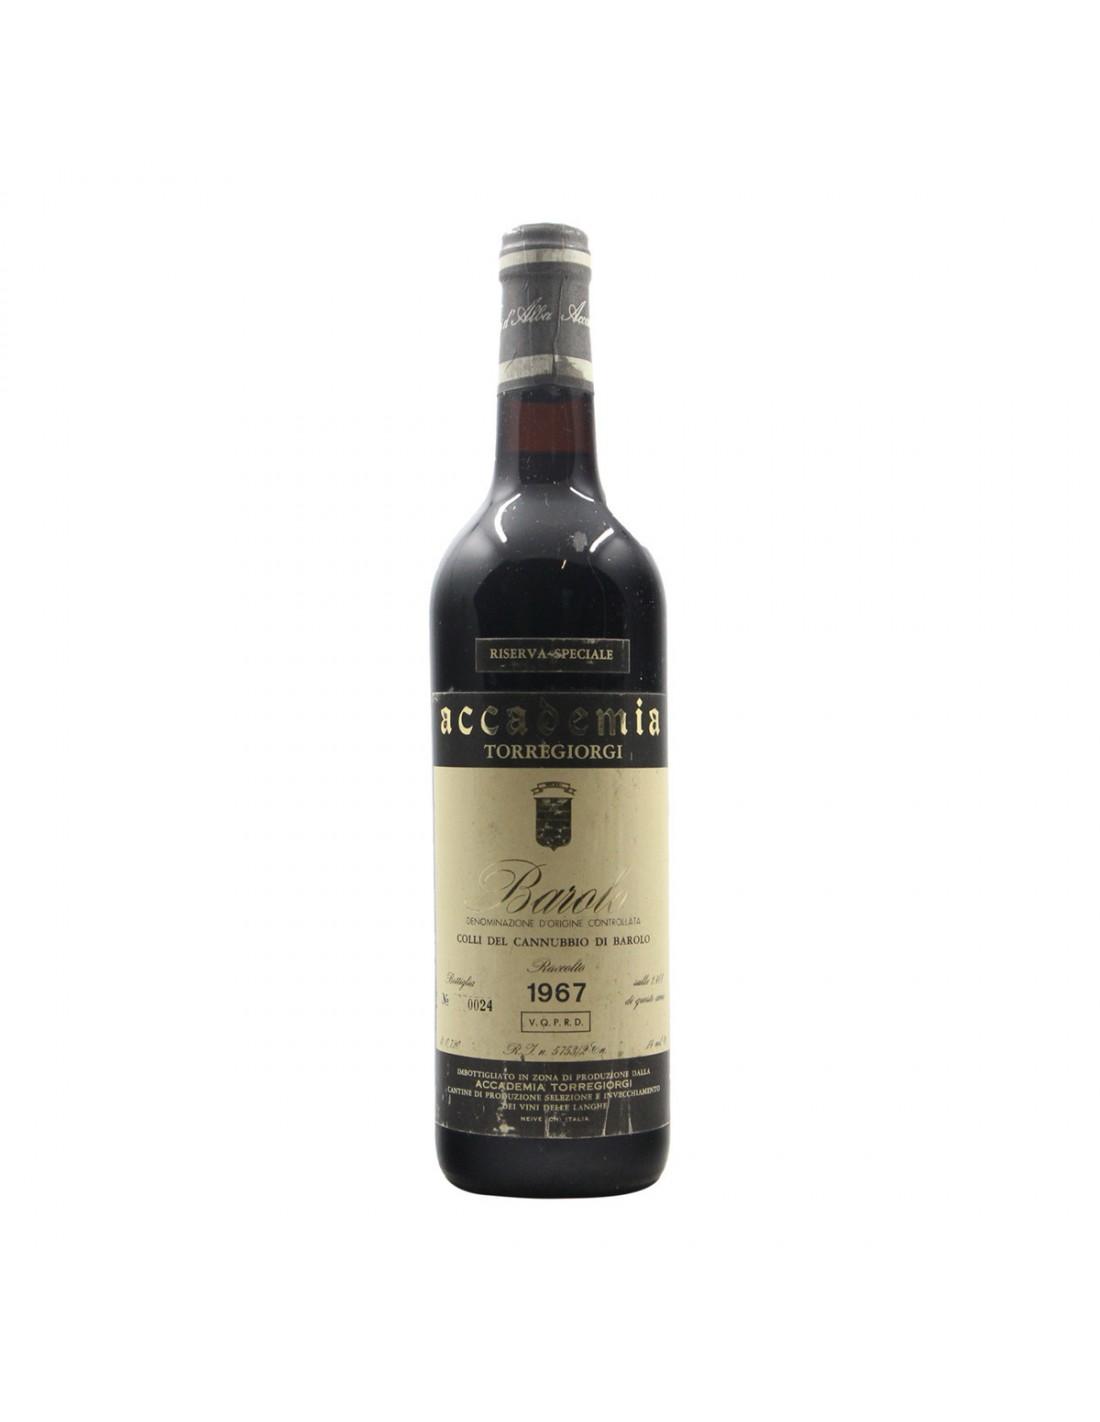 BAROLO CANNUBBIO RISERVA SPECIALE 1967 ACCADEMIA TORREGIORGI Grandi Bottiglie